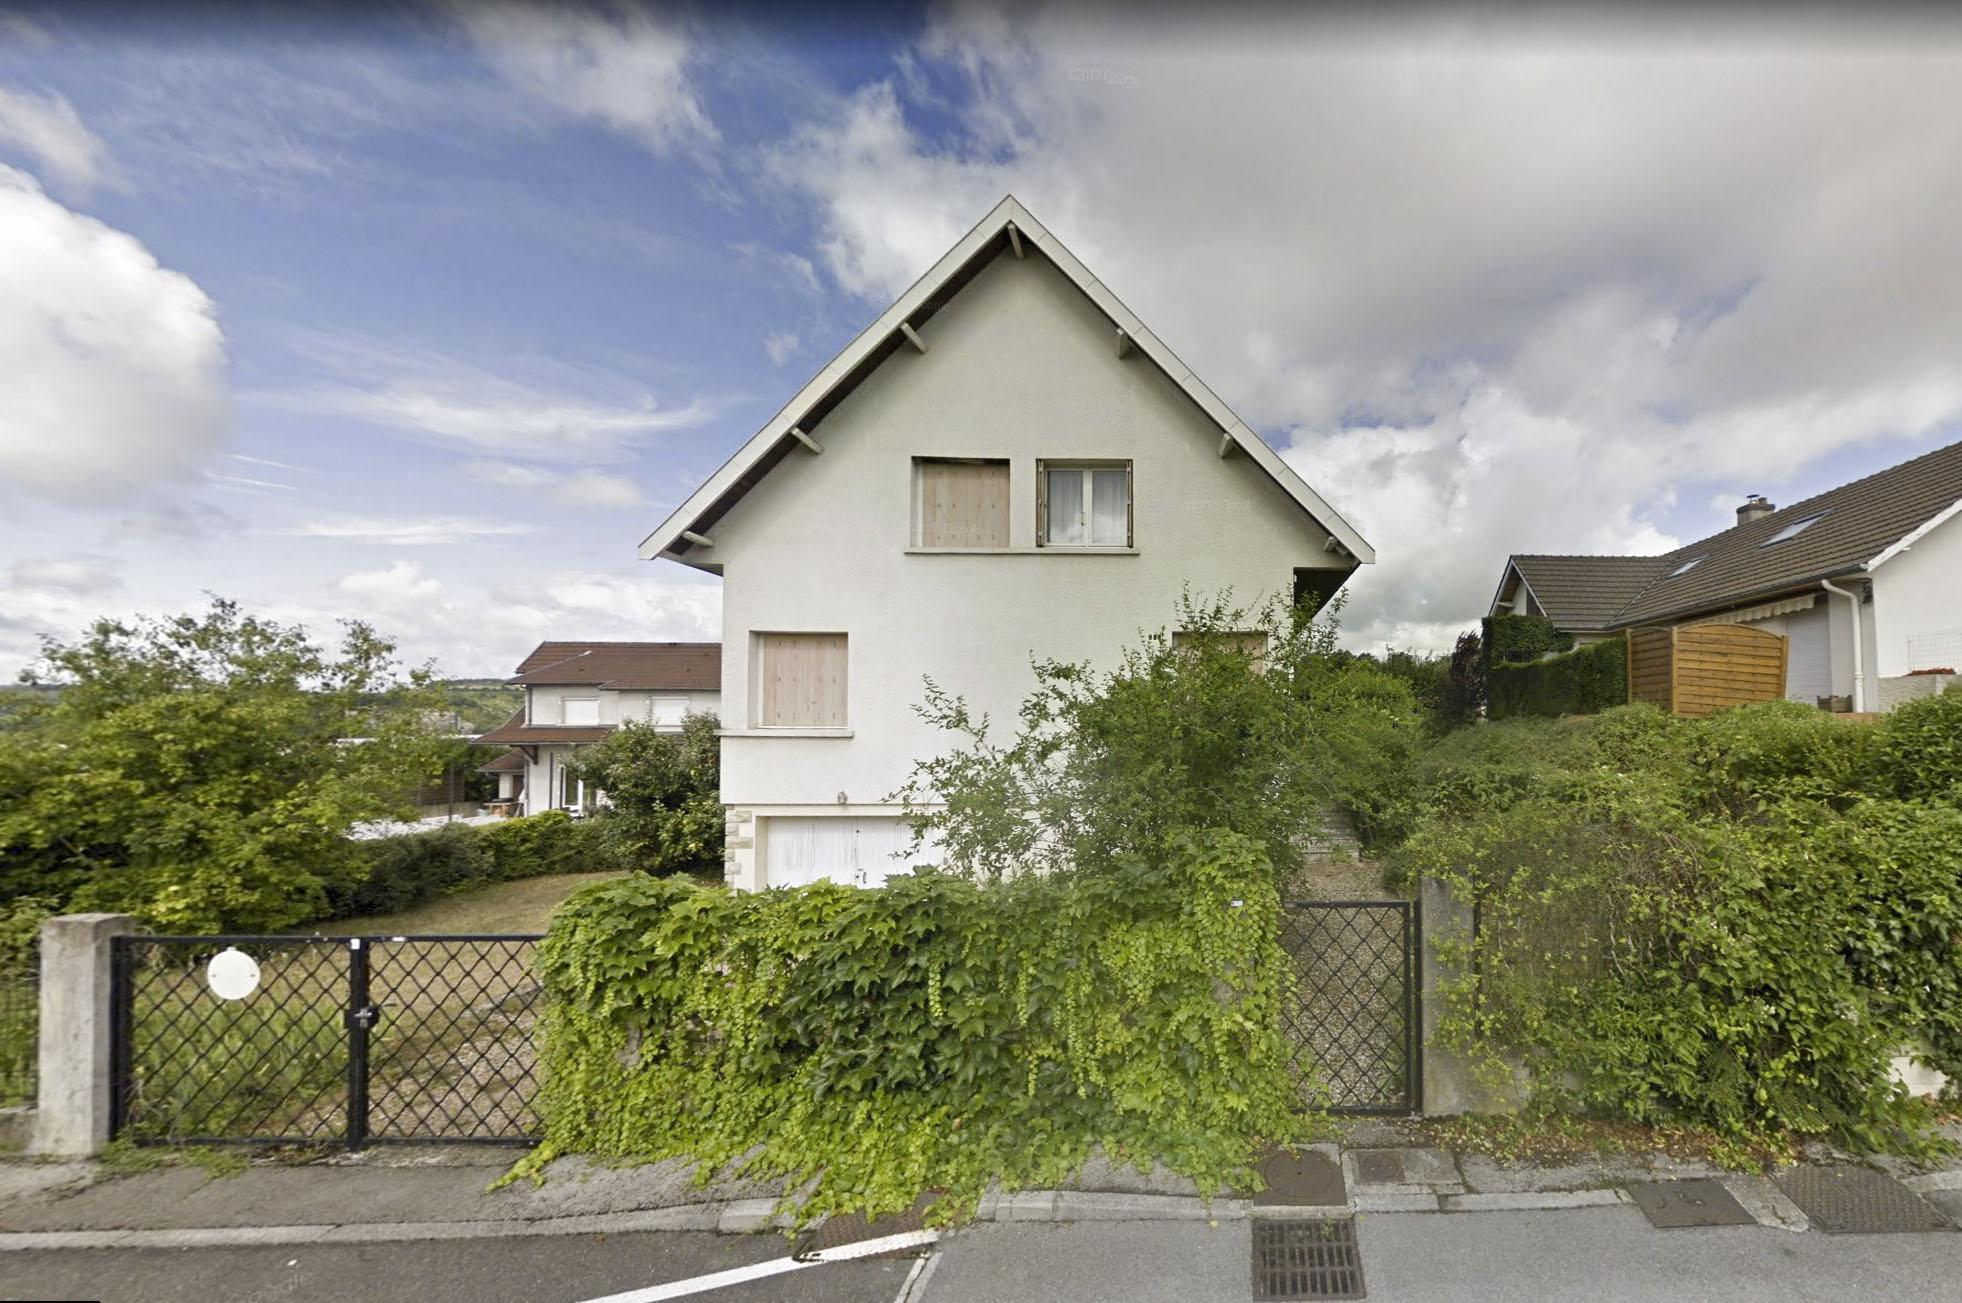 Chouette-architecture-maison-Talant-2000-1